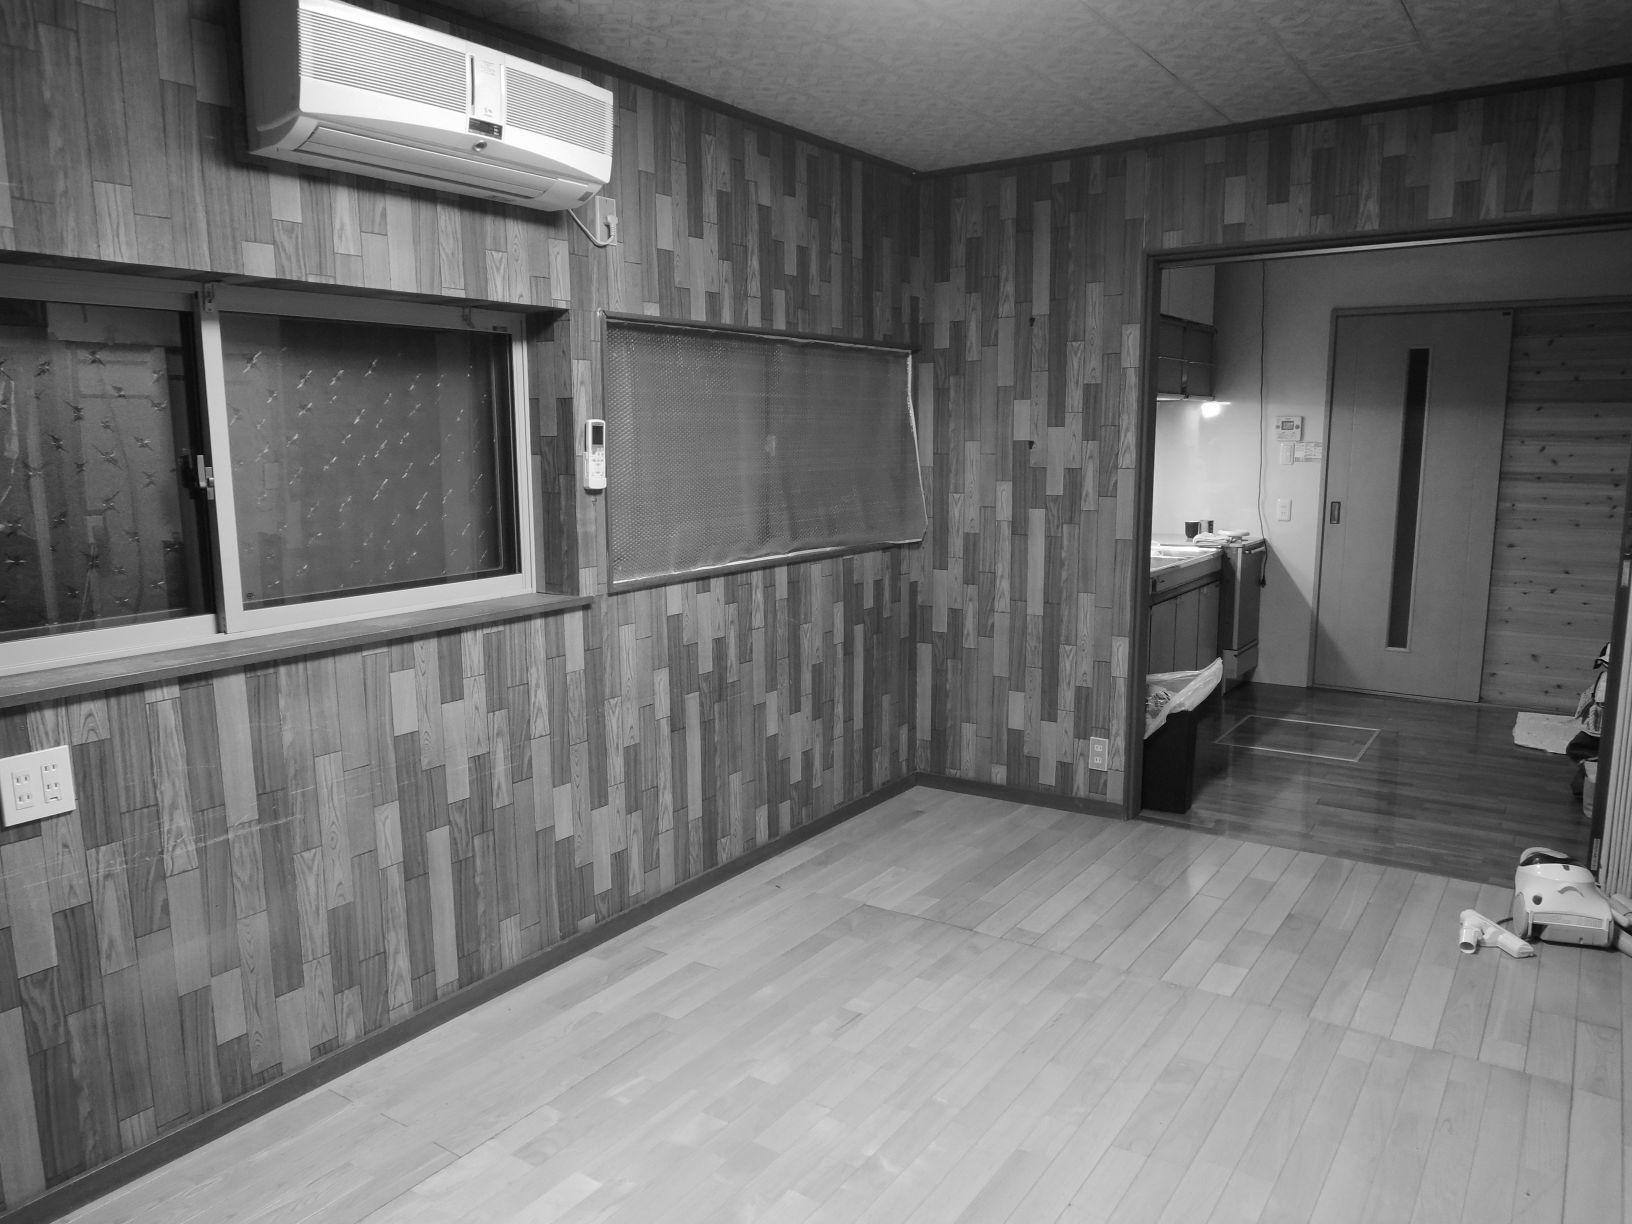 袖壁と垂れ壁があり、孤立した雰囲気だったキッチン。